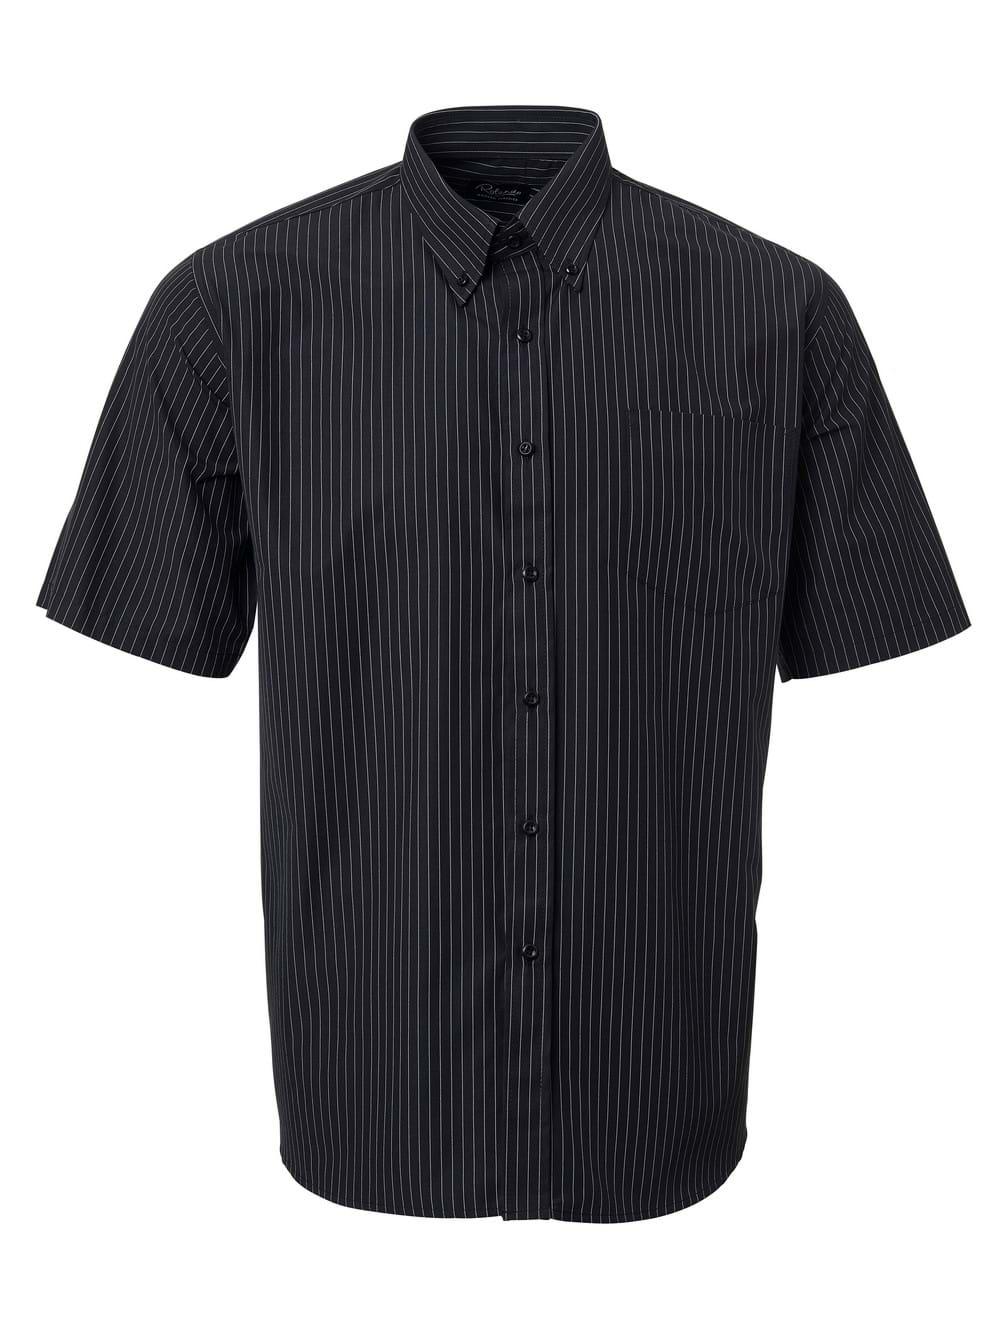 Mens Stripe Short Sleeve Shirt Black